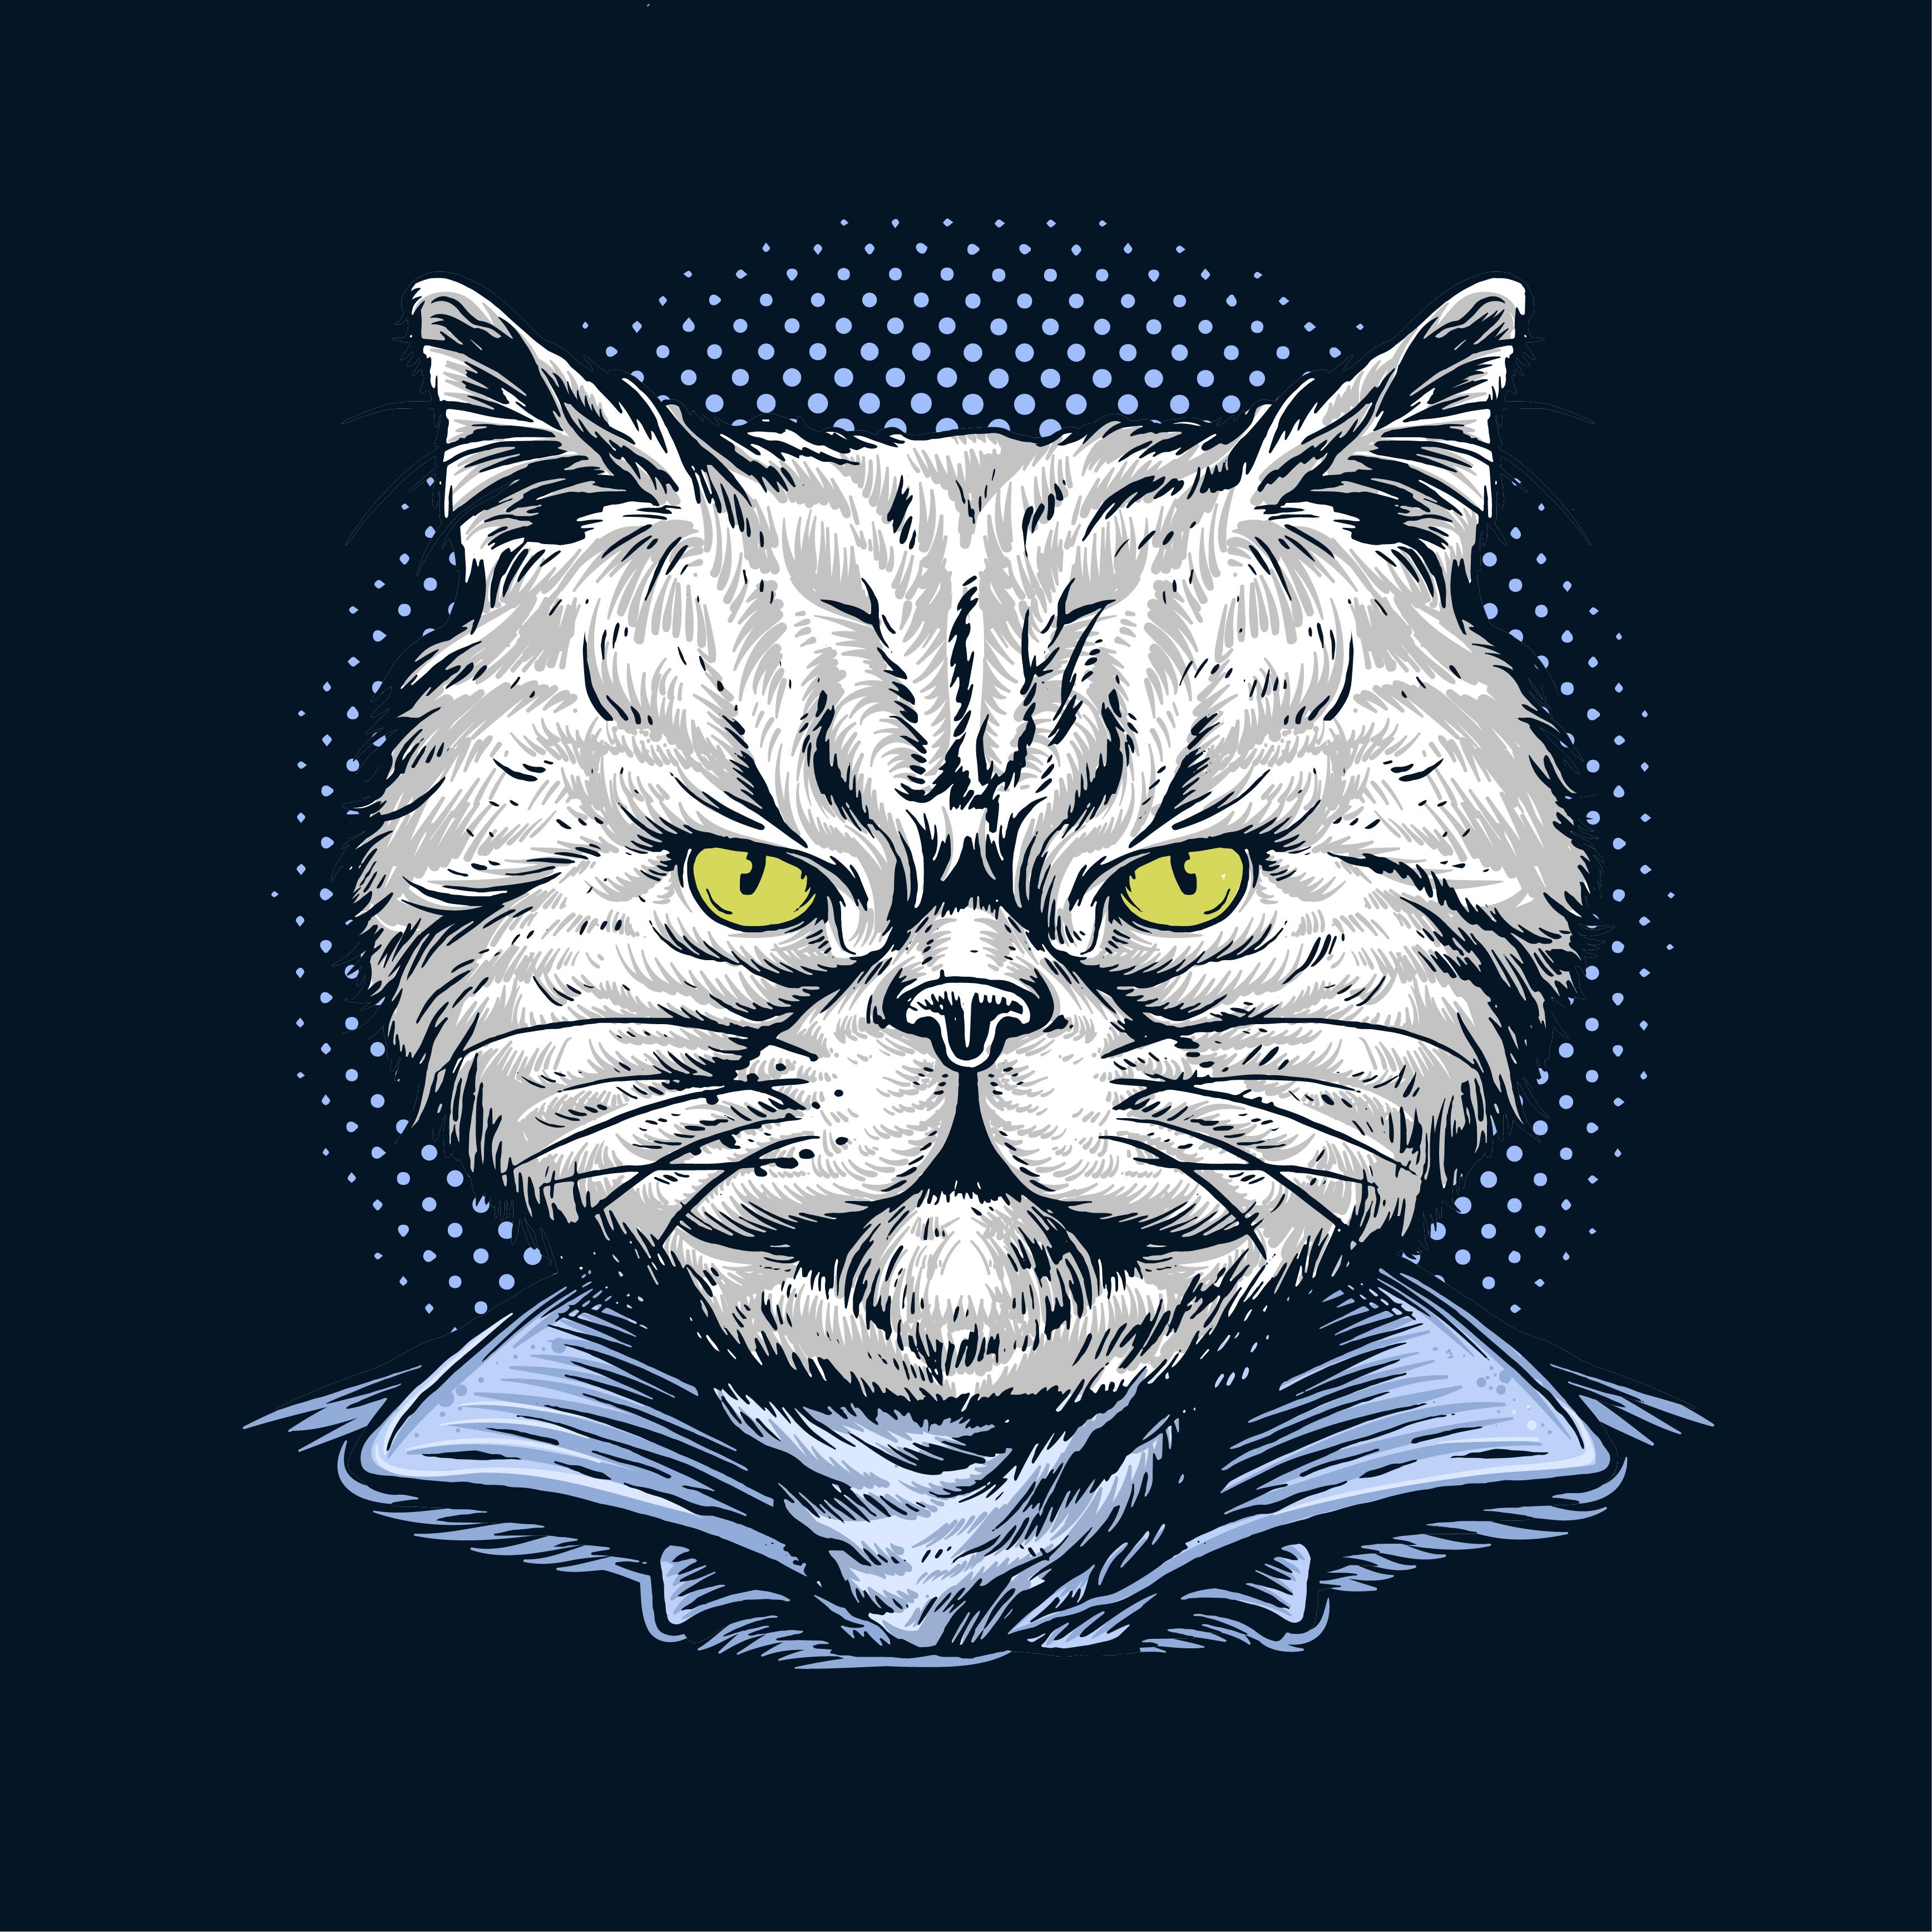 貓 logo 免費下載 | 天天瘋後製